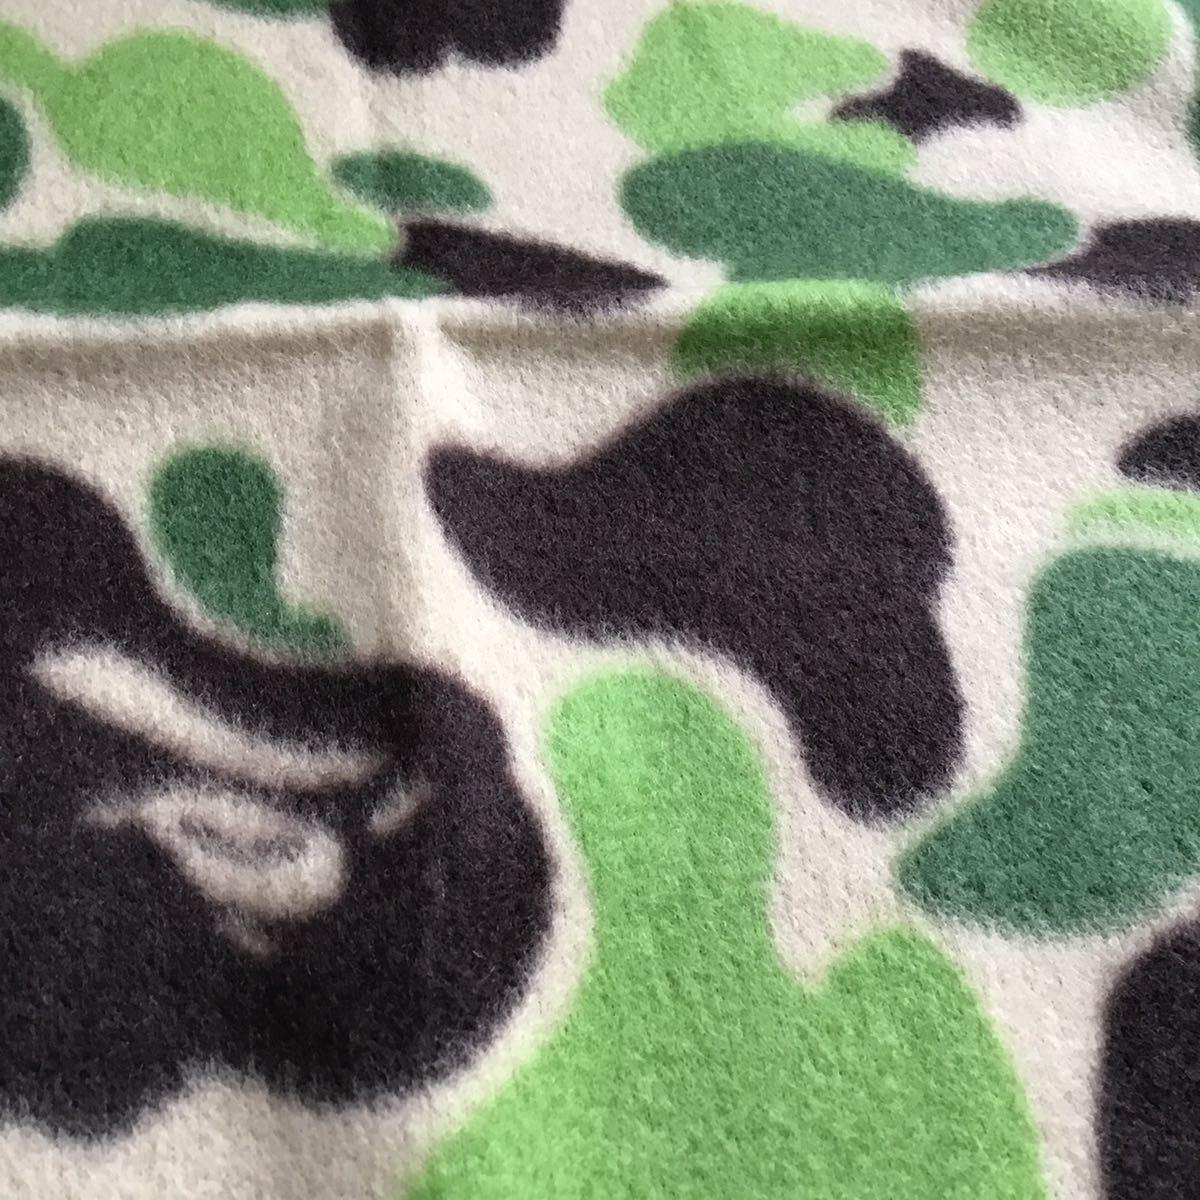 ★新品★ bape camo ブランケット a bathing ape エイプ ベイプ アベイシングエイプ グッズ ムック 限定 mook blanket グッズ 迷彩 nigo